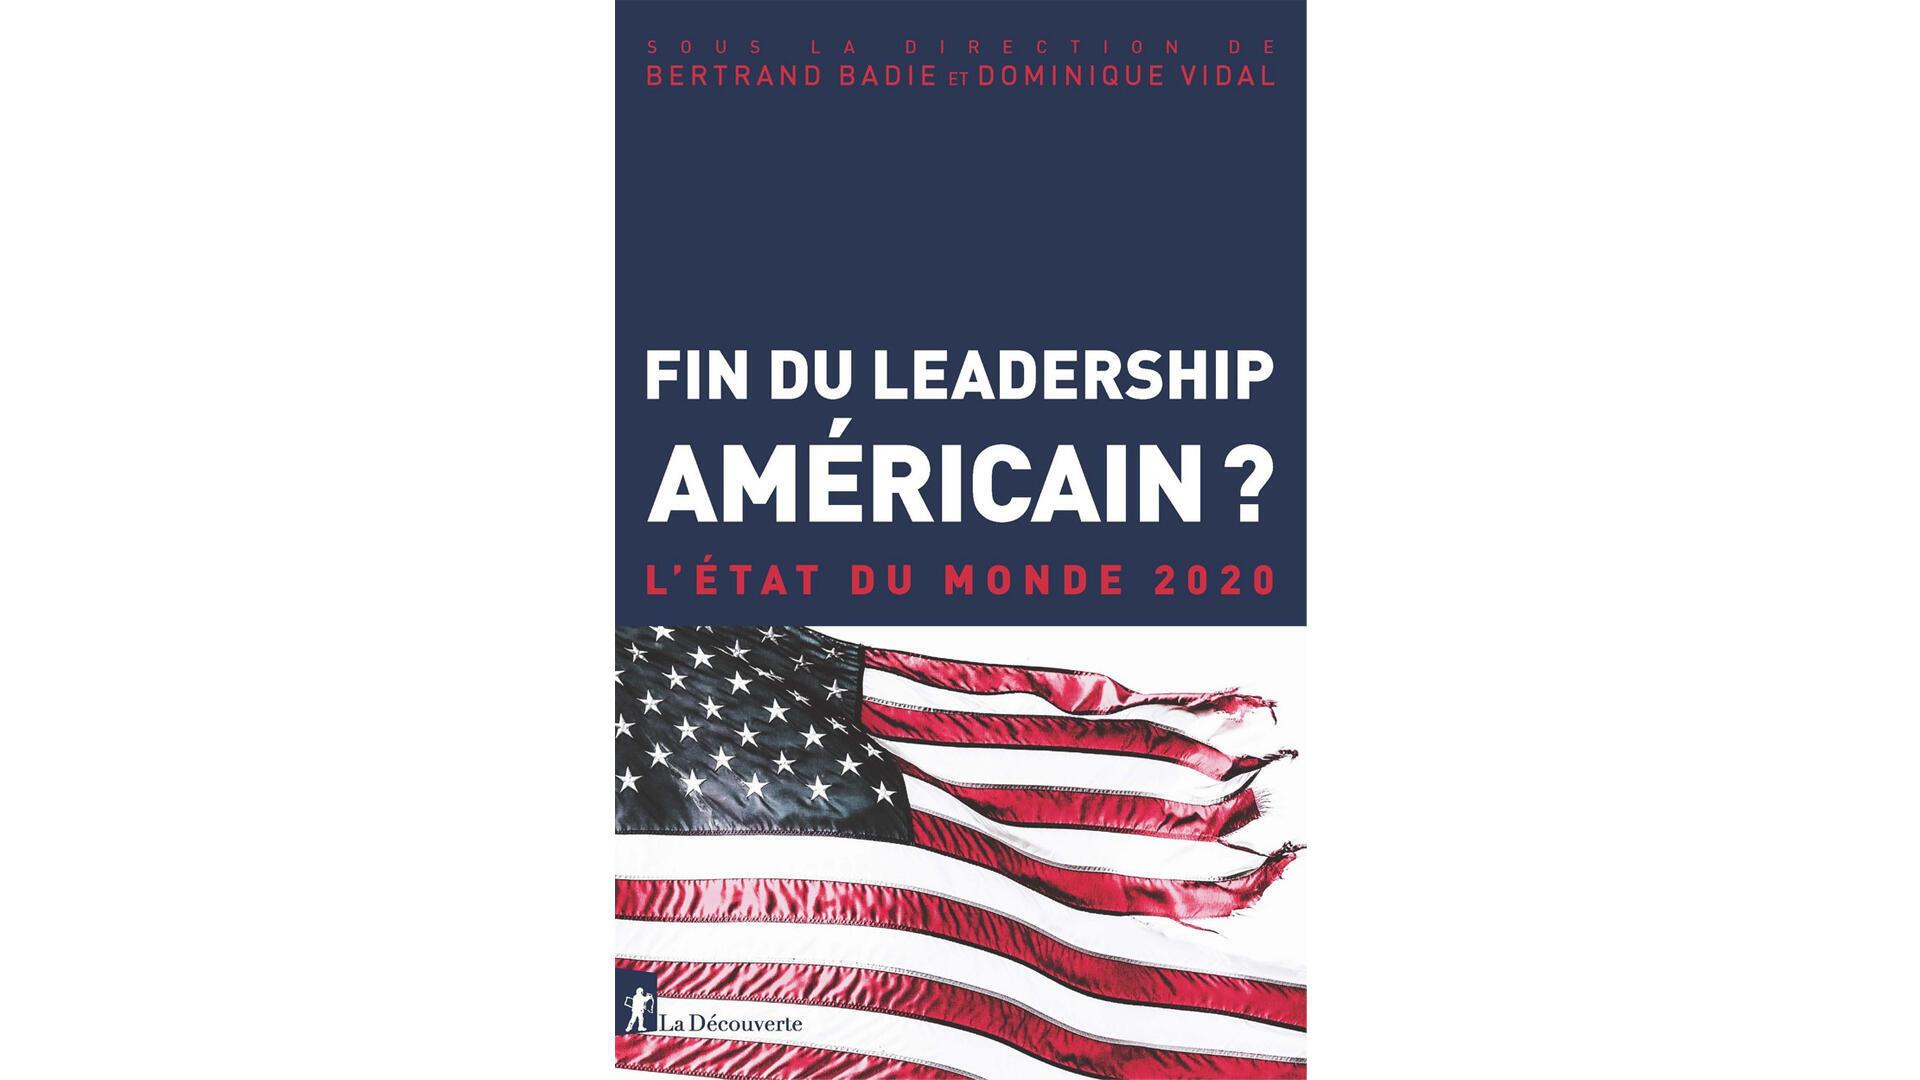 Couverture «Fin du leadership américain ? - L'État du monde 2020», de Bertrand Badie et Dominique Vidal.